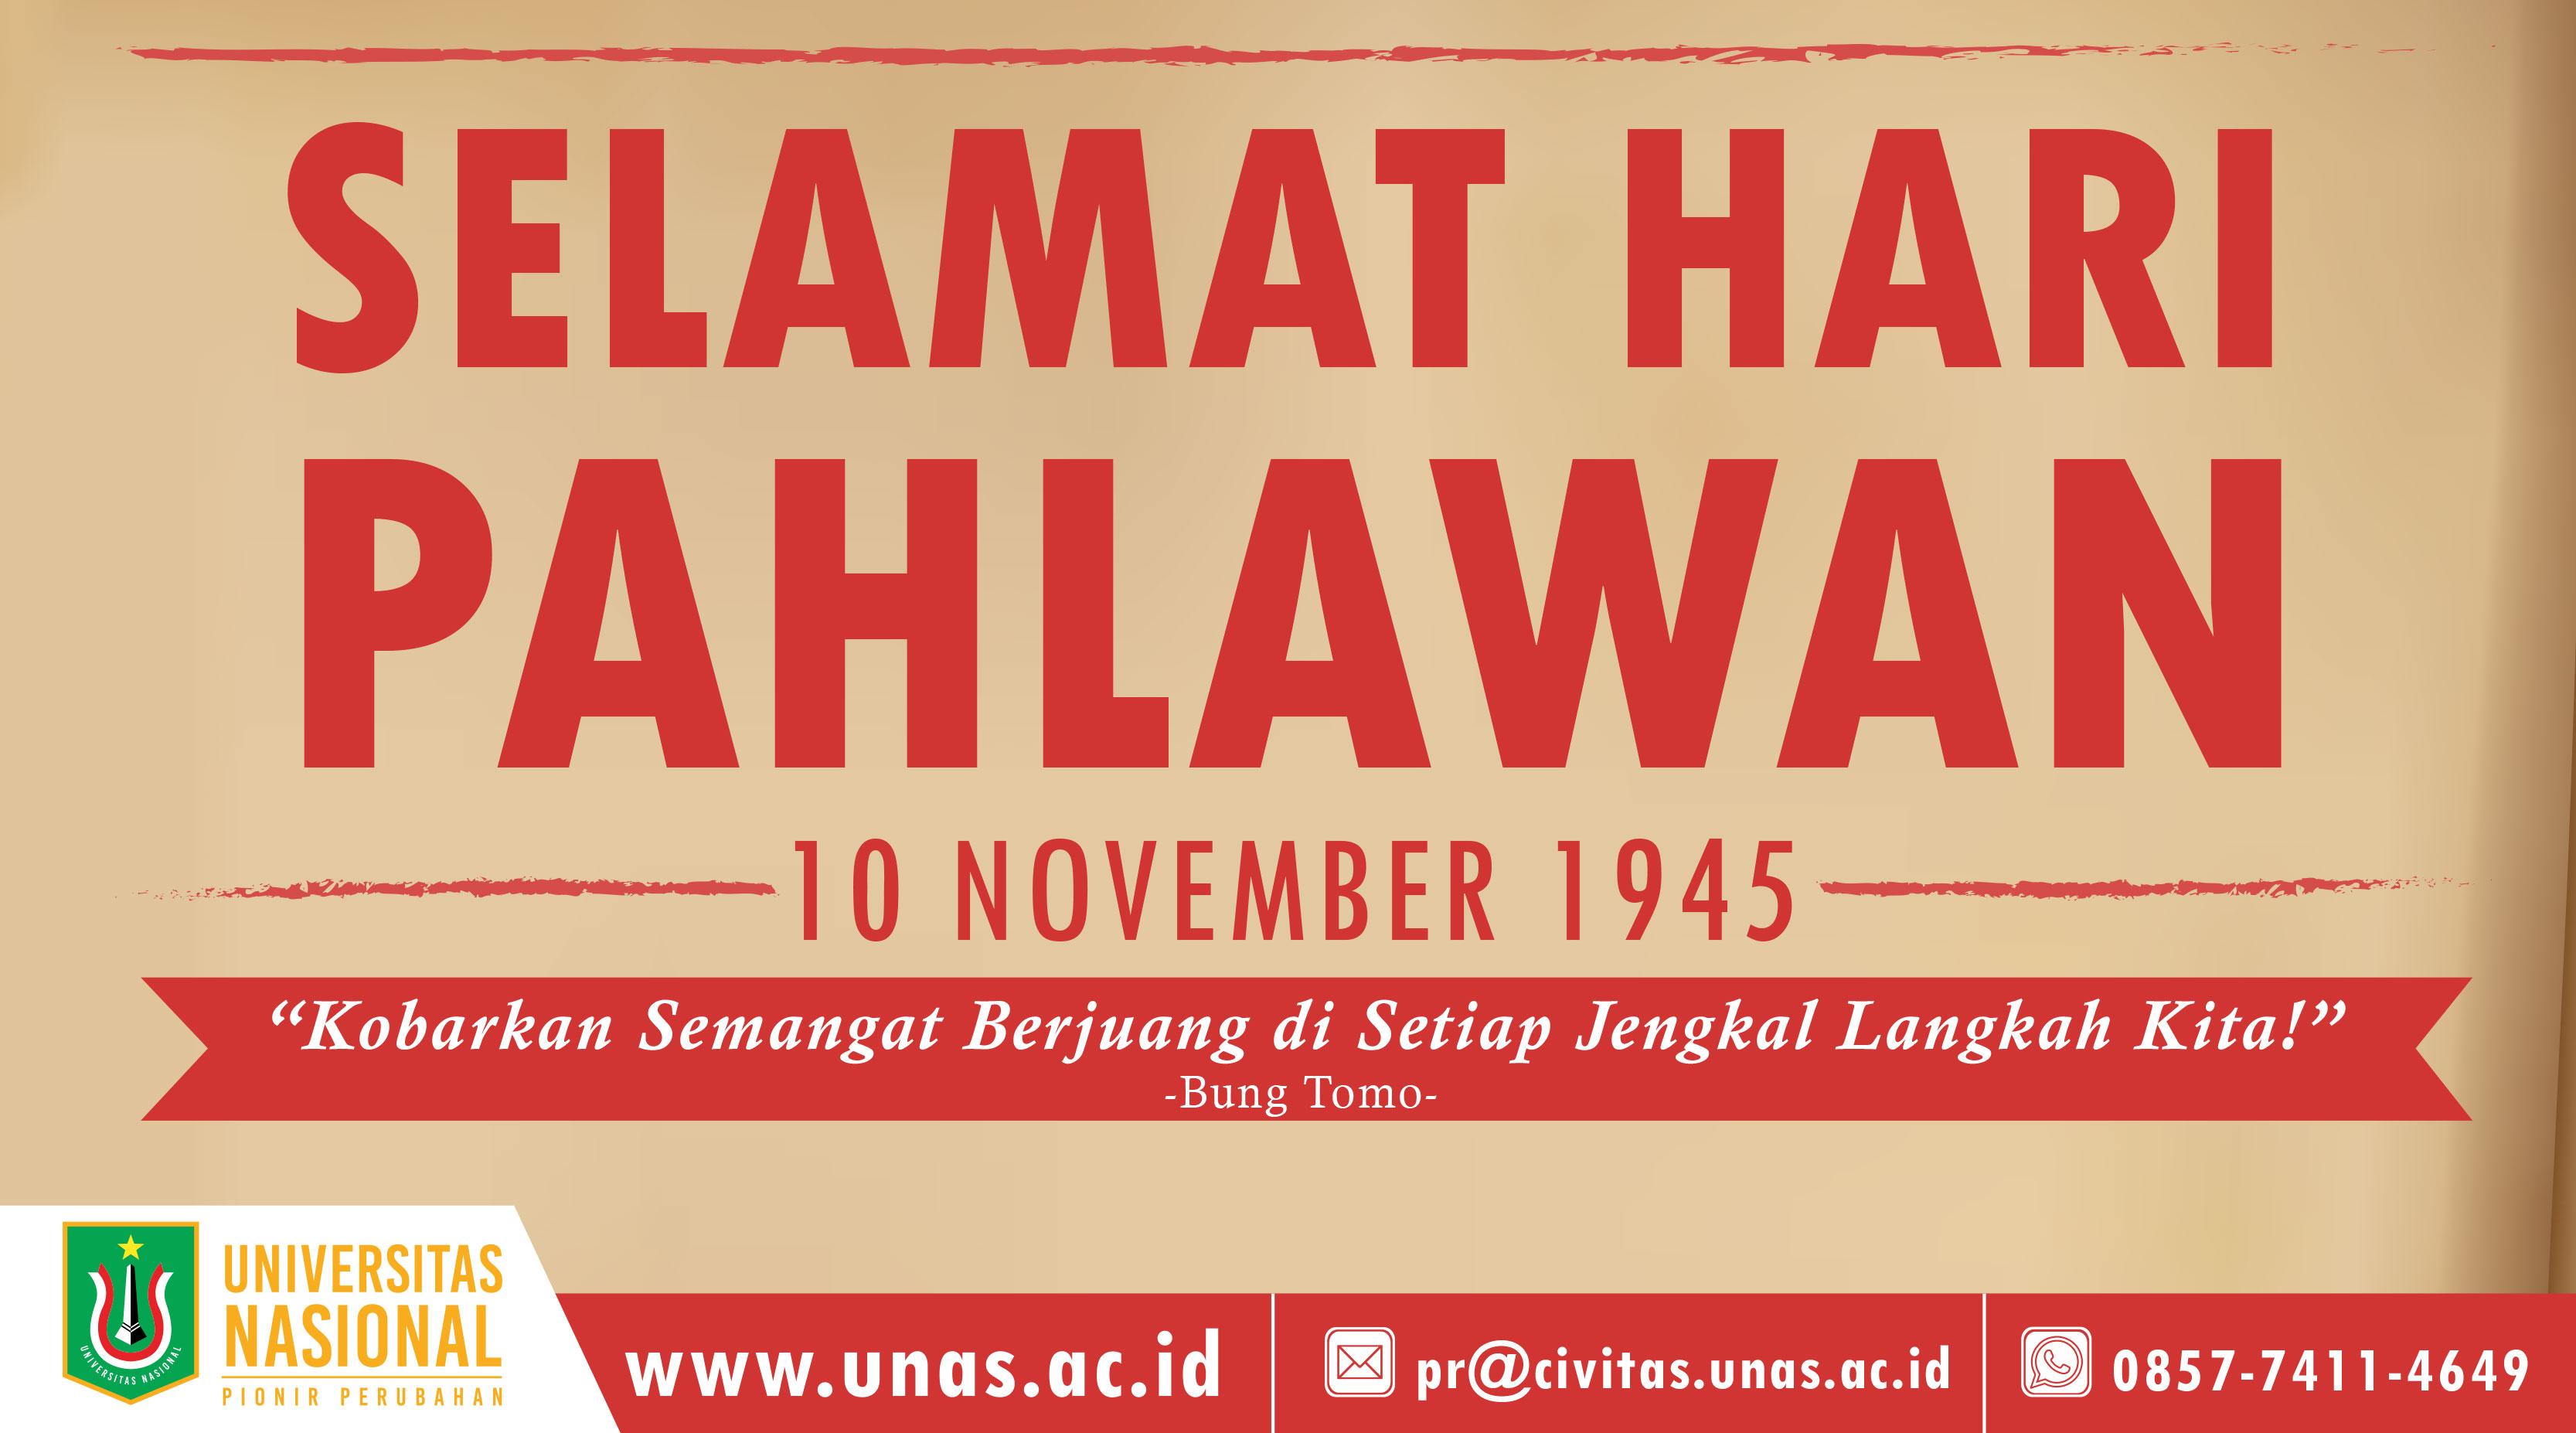 Selamat Hari Pahlawan 10 November 1945 Universitas Nasional